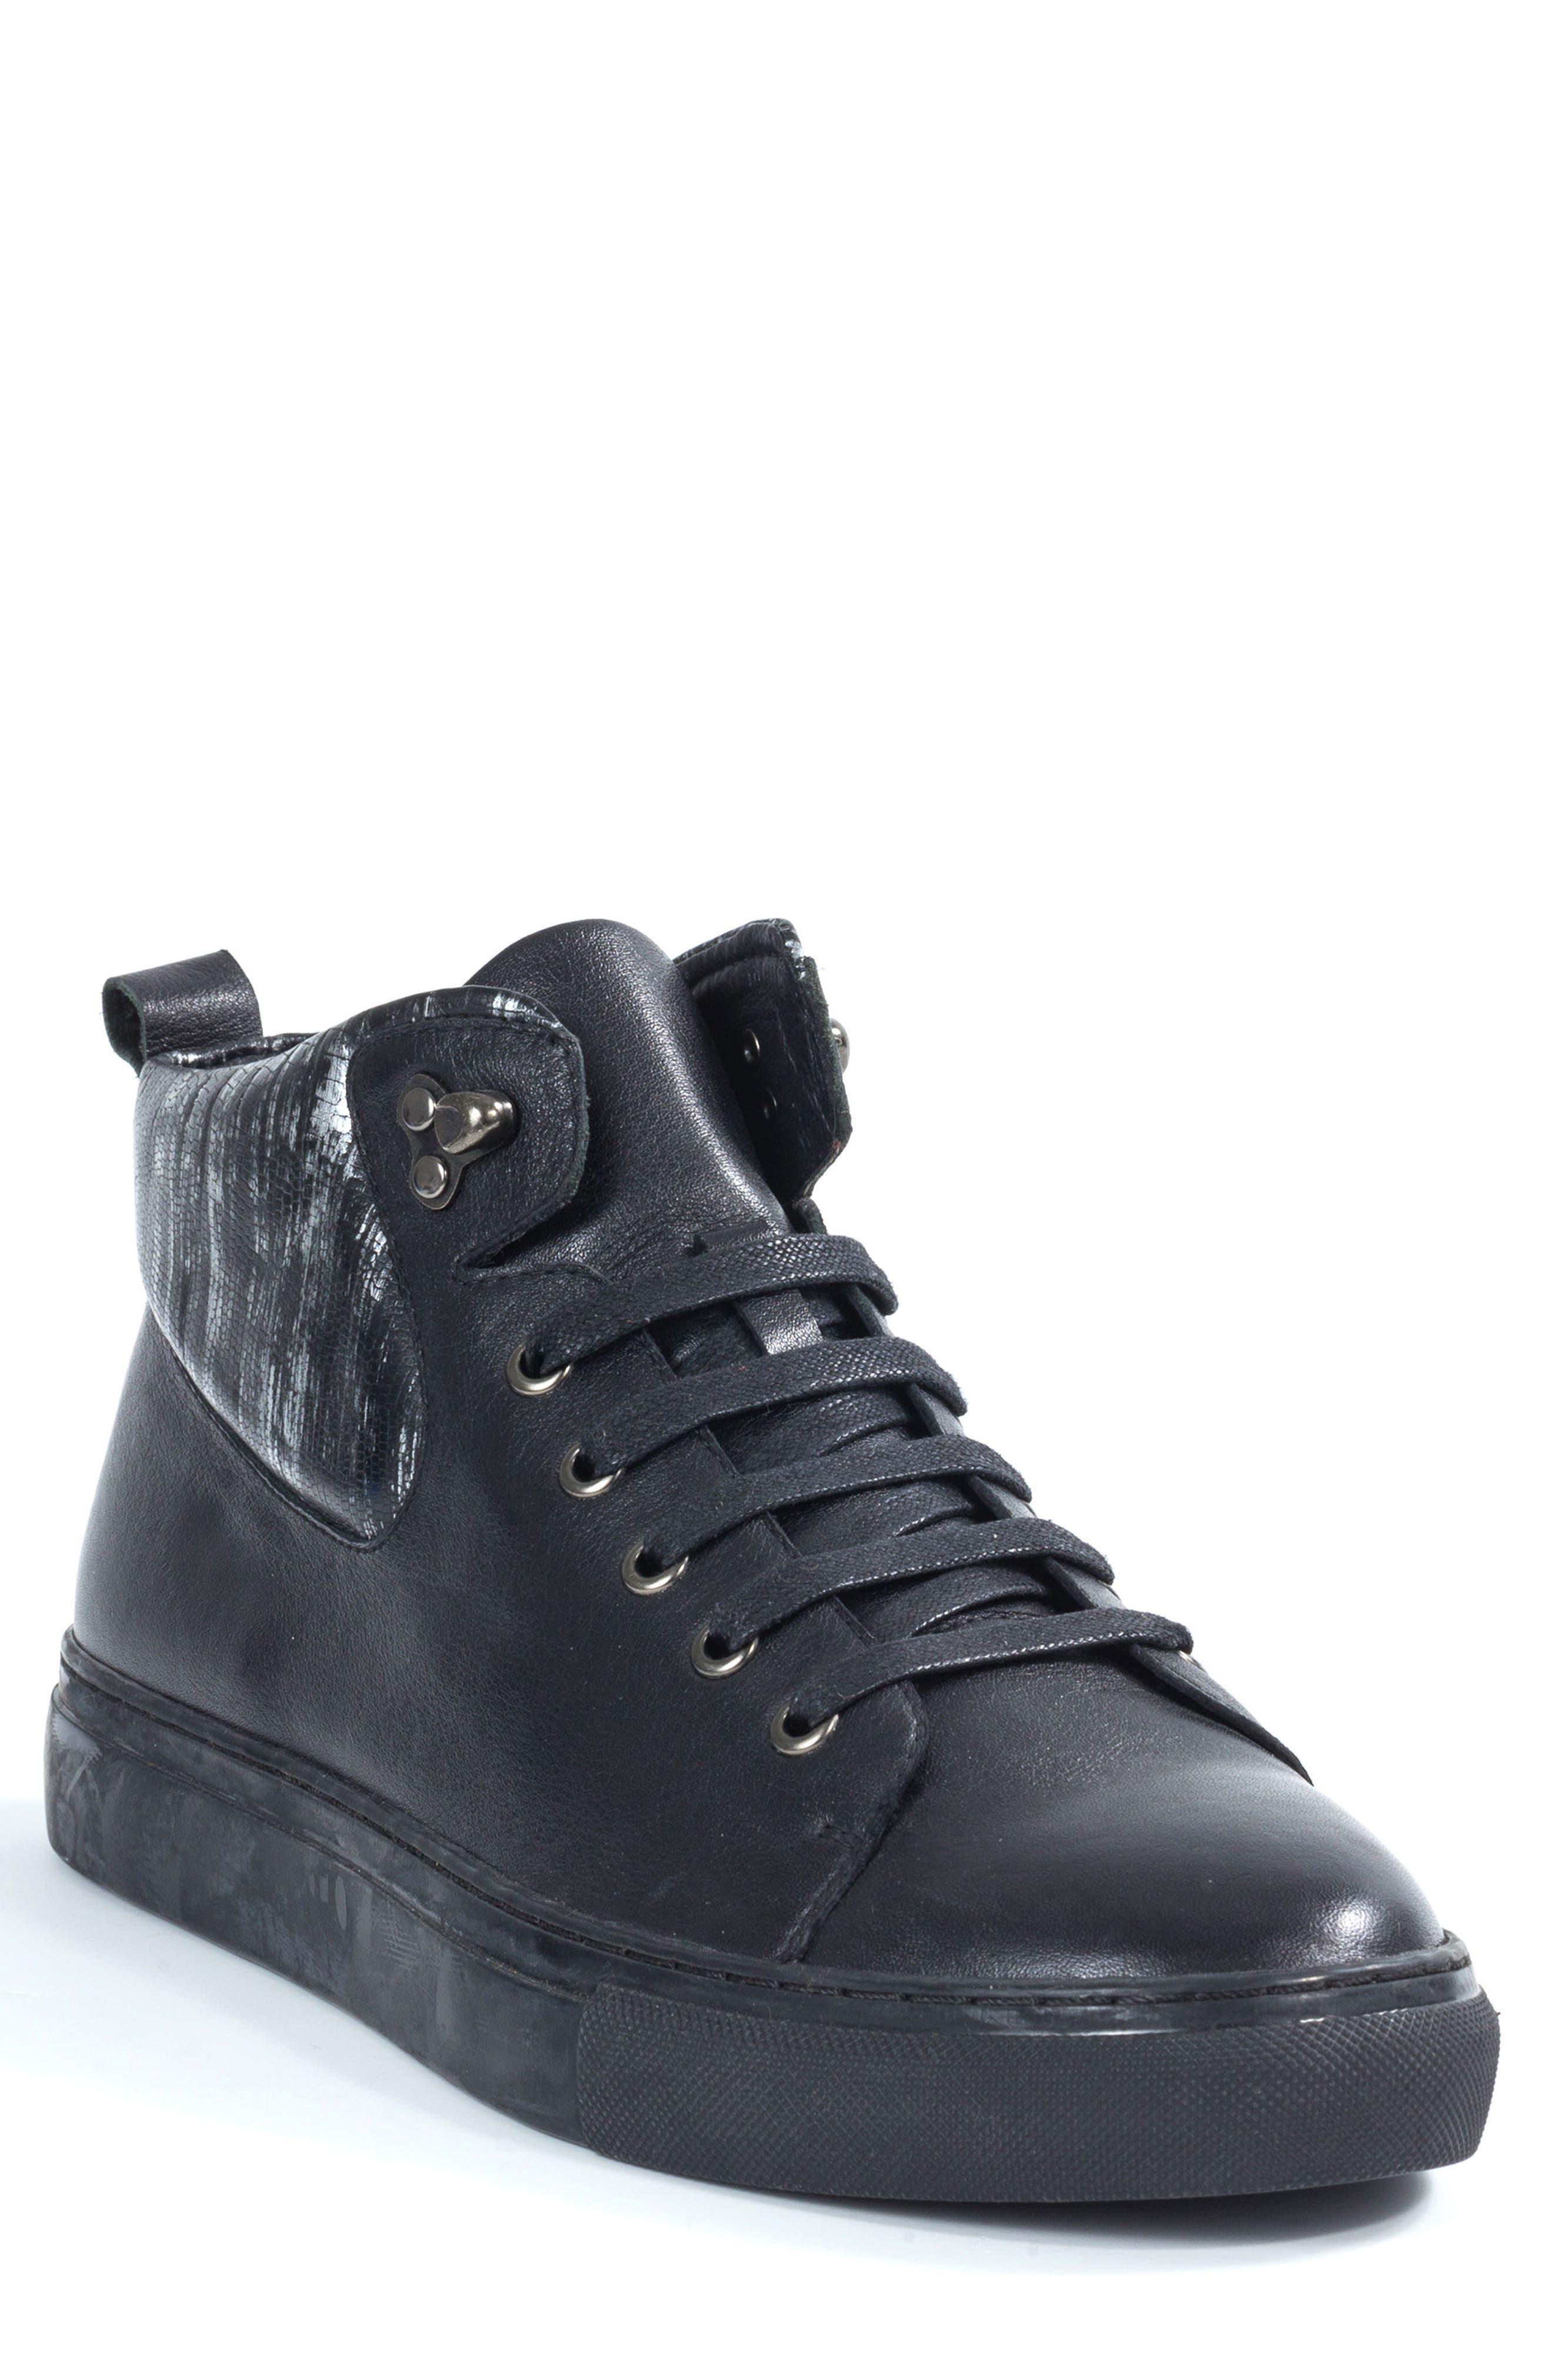 Badgley Mischka Carroll Sneaker, Black